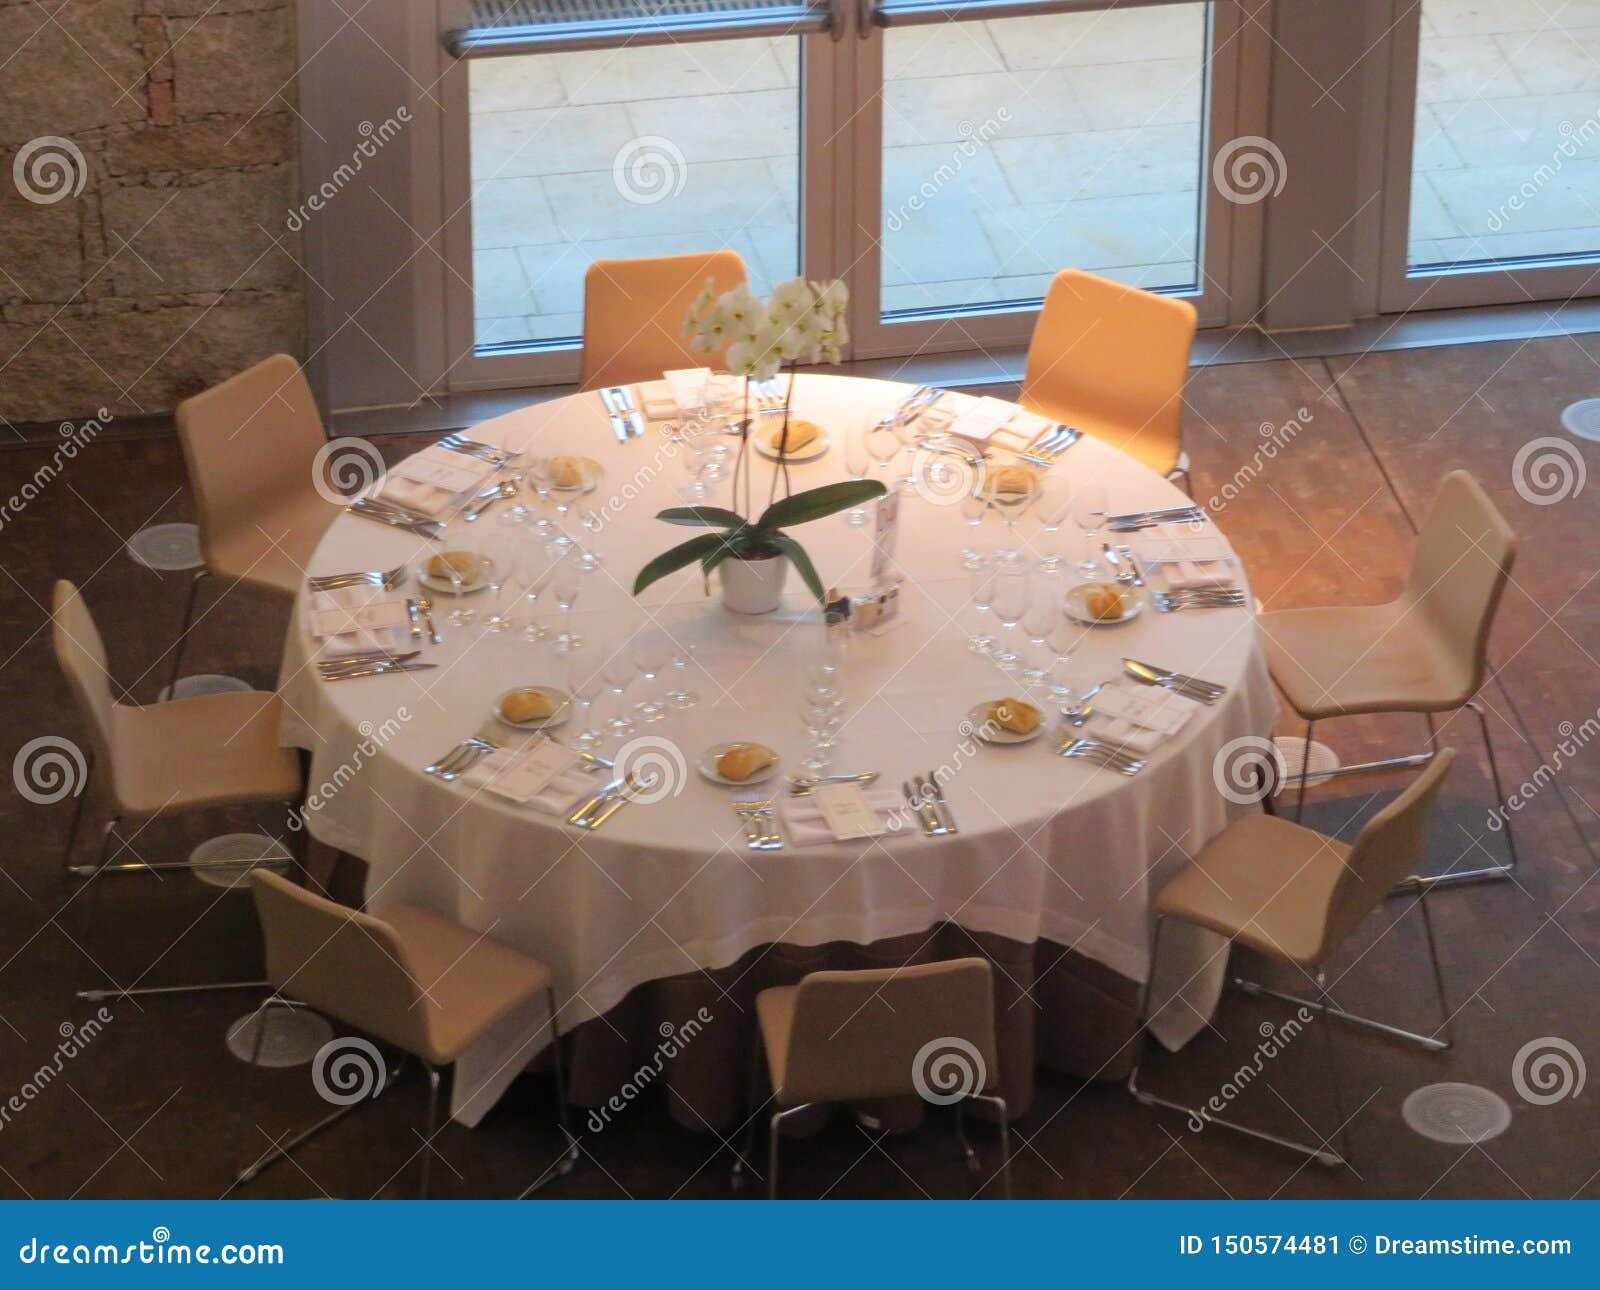 准备好美丽的圆桌欢迎客人和得到吃